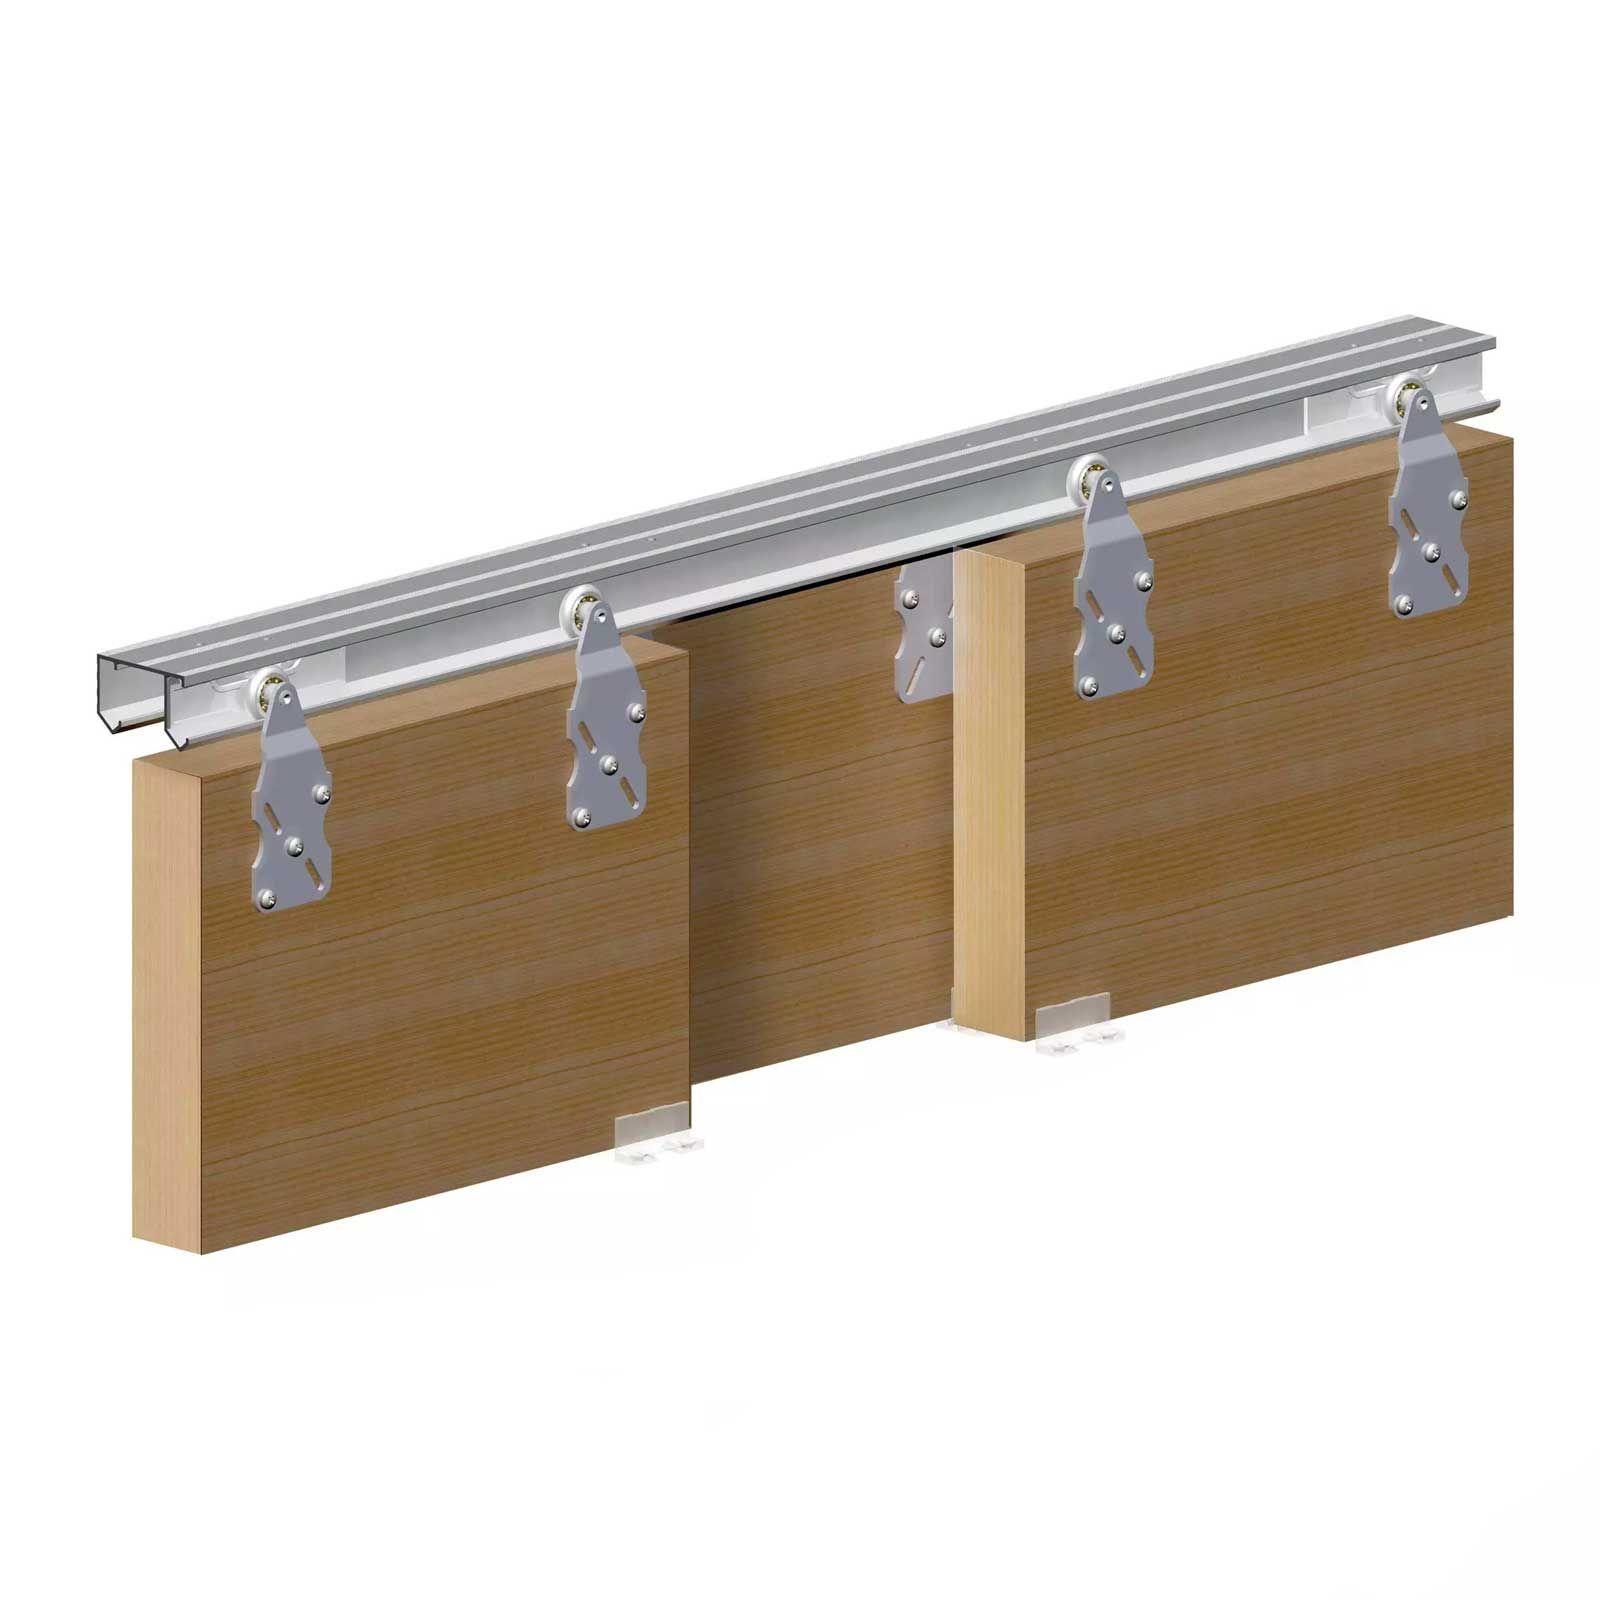 Horus Top Hung Sliding Door System Wardrobe Track Kit Sliding Cabinet Door Hardware Sliding Wardrobe Doors Sliding Doors